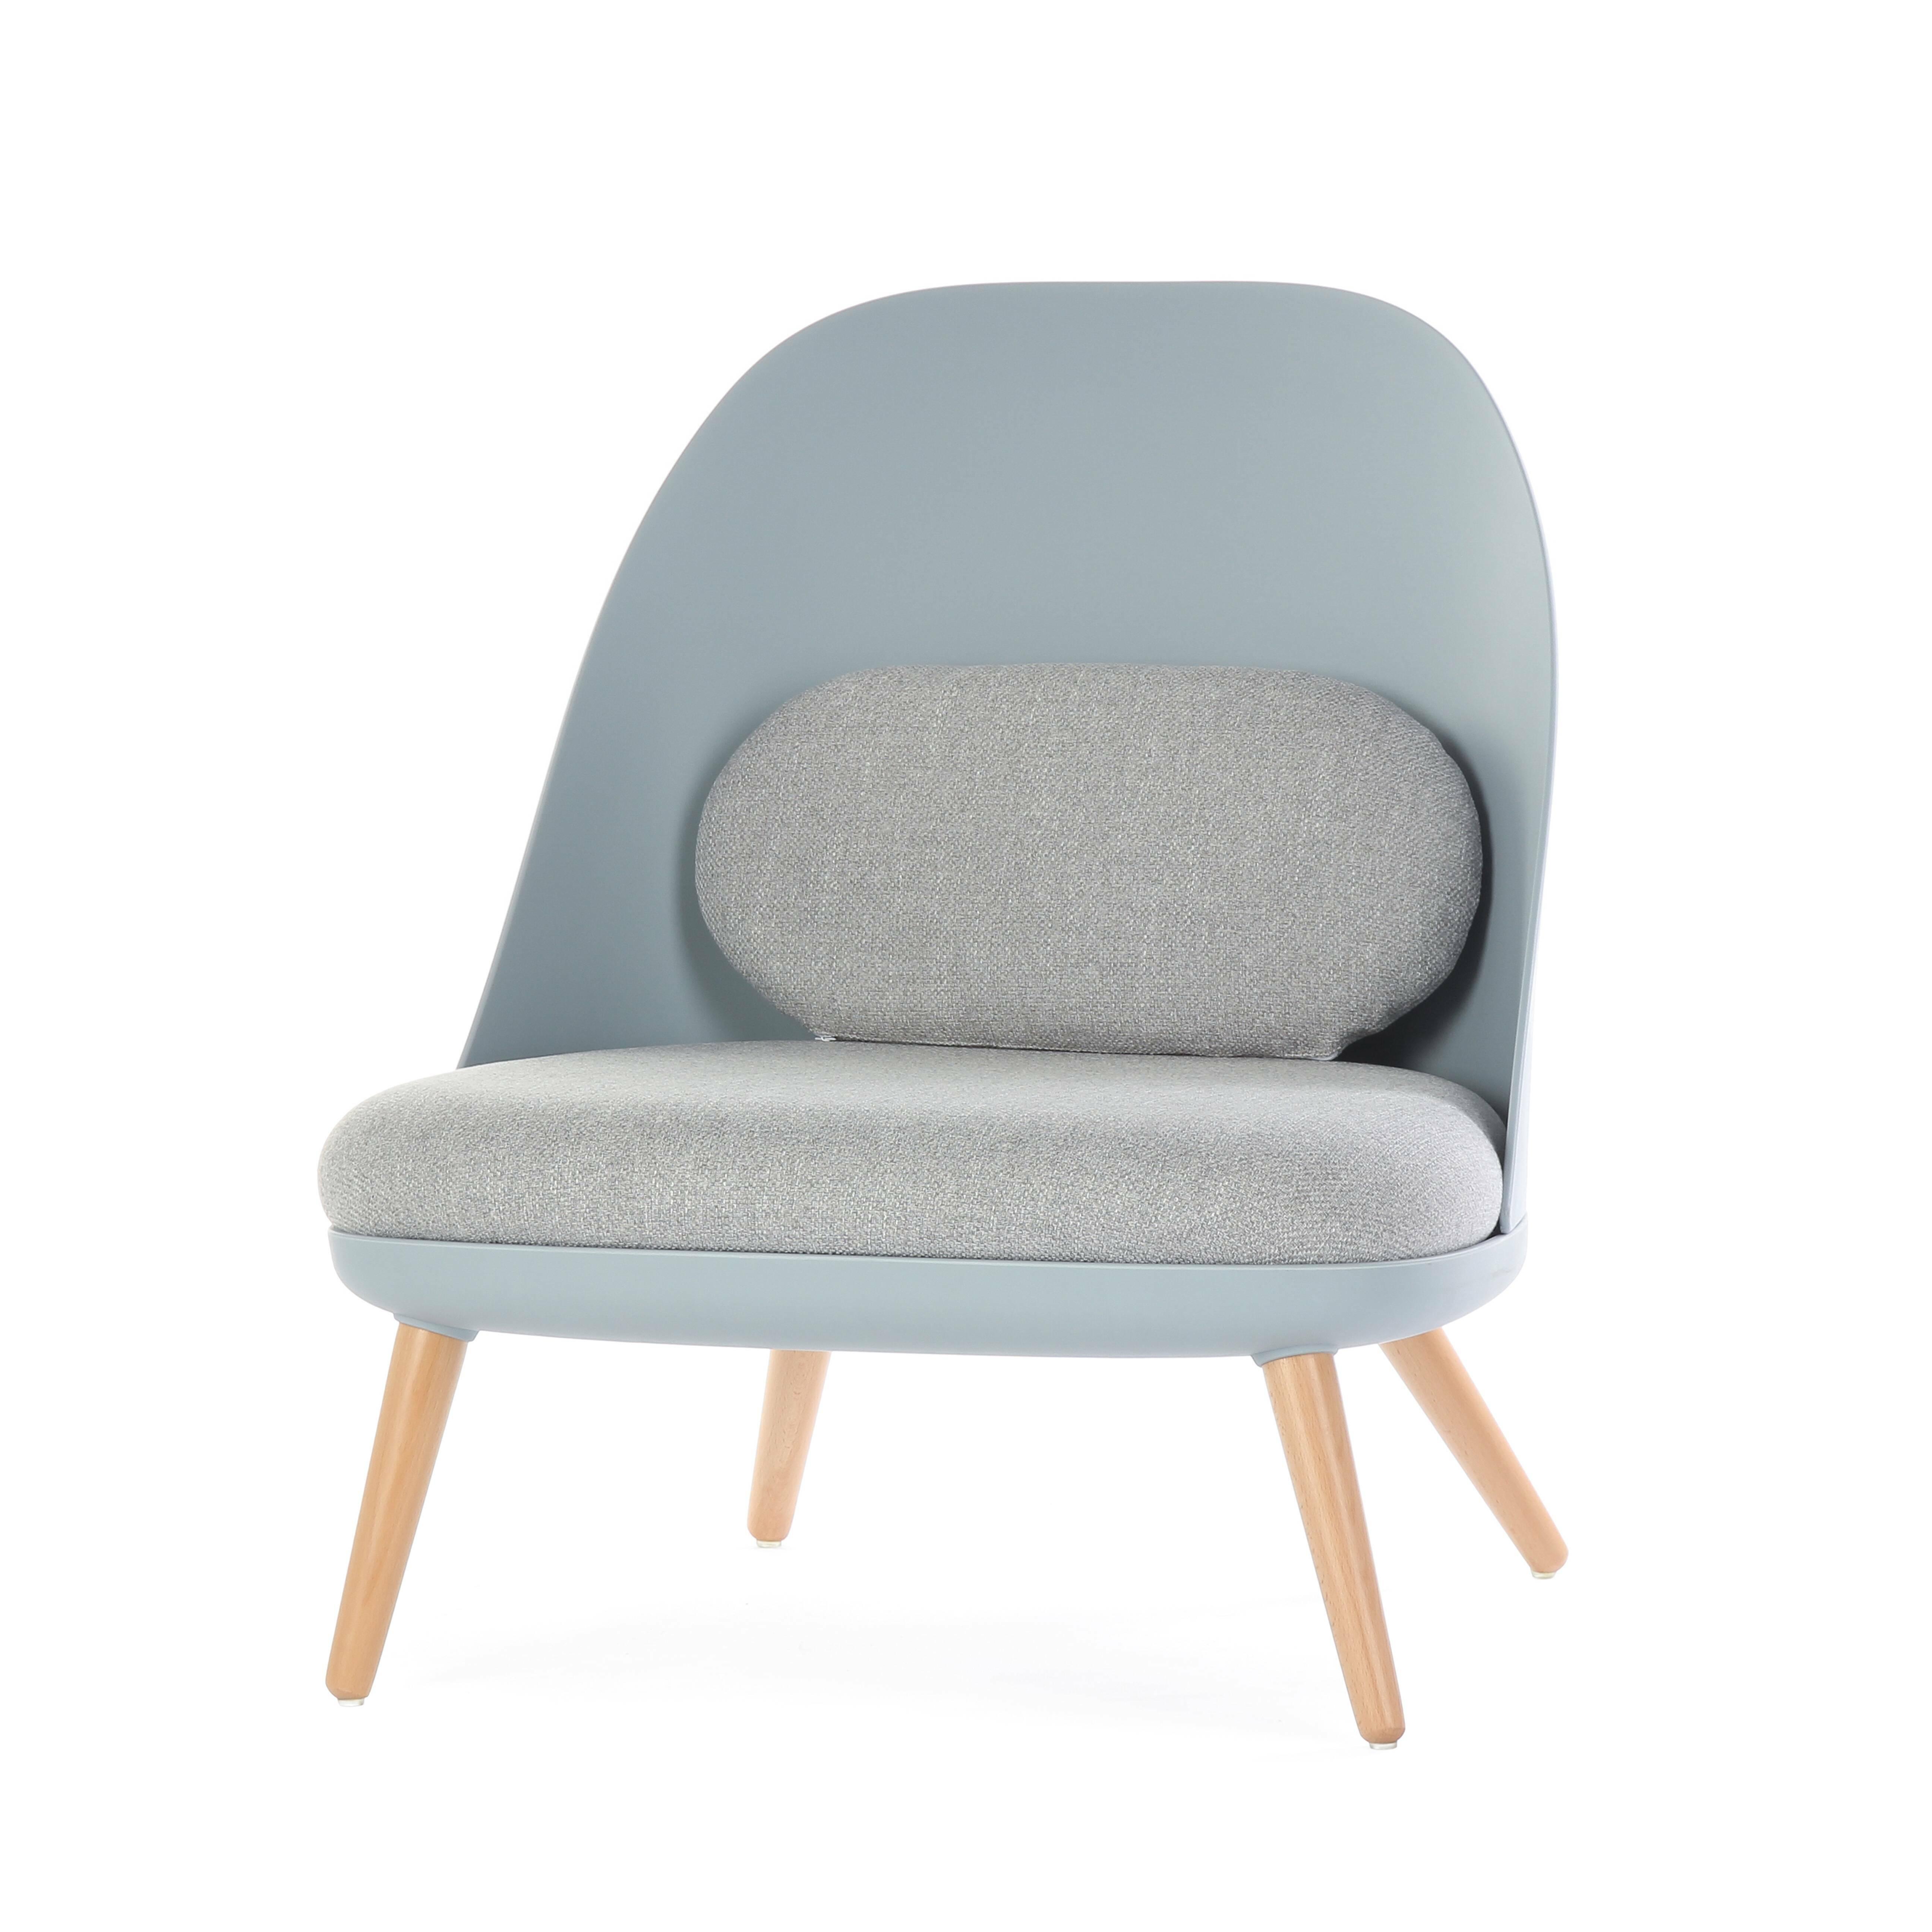 Кресло ColmarИнтерьерные<br>Дизайнерское кресло Colmar (Кольмар) – это настоящее воплощение удобства в современном стиле. Модель получила свое название в честь небольшого города на северо-востоке Франции. Кресло представляет собой прекрасный образ комфорта и обаяния французского интерьера, но оформлено в более современном формате.<br><br><br> Современный стиль предполагает использование инновационных материалов: обивка из износостойкого полиэстера, спинка и каркас из прочного полипропилена и небольшое добавление классическ...<br><br>stock: 1<br>Высота: 75,5<br>Высота сиденья: 34<br>Ширина: 70<br>Глубина: 65,5<br>Цвет ножек: Светло-коричневый<br>Цвет спинки: Голубой<br>Материал ножек: Массив бука<br>Материал сидения: Полиэстер<br>Цвет сидения: Серый<br>Тип материала спинки: Полипропилен<br>Тип материала сидения: Ткань<br>Тип материала ножек: Дерево